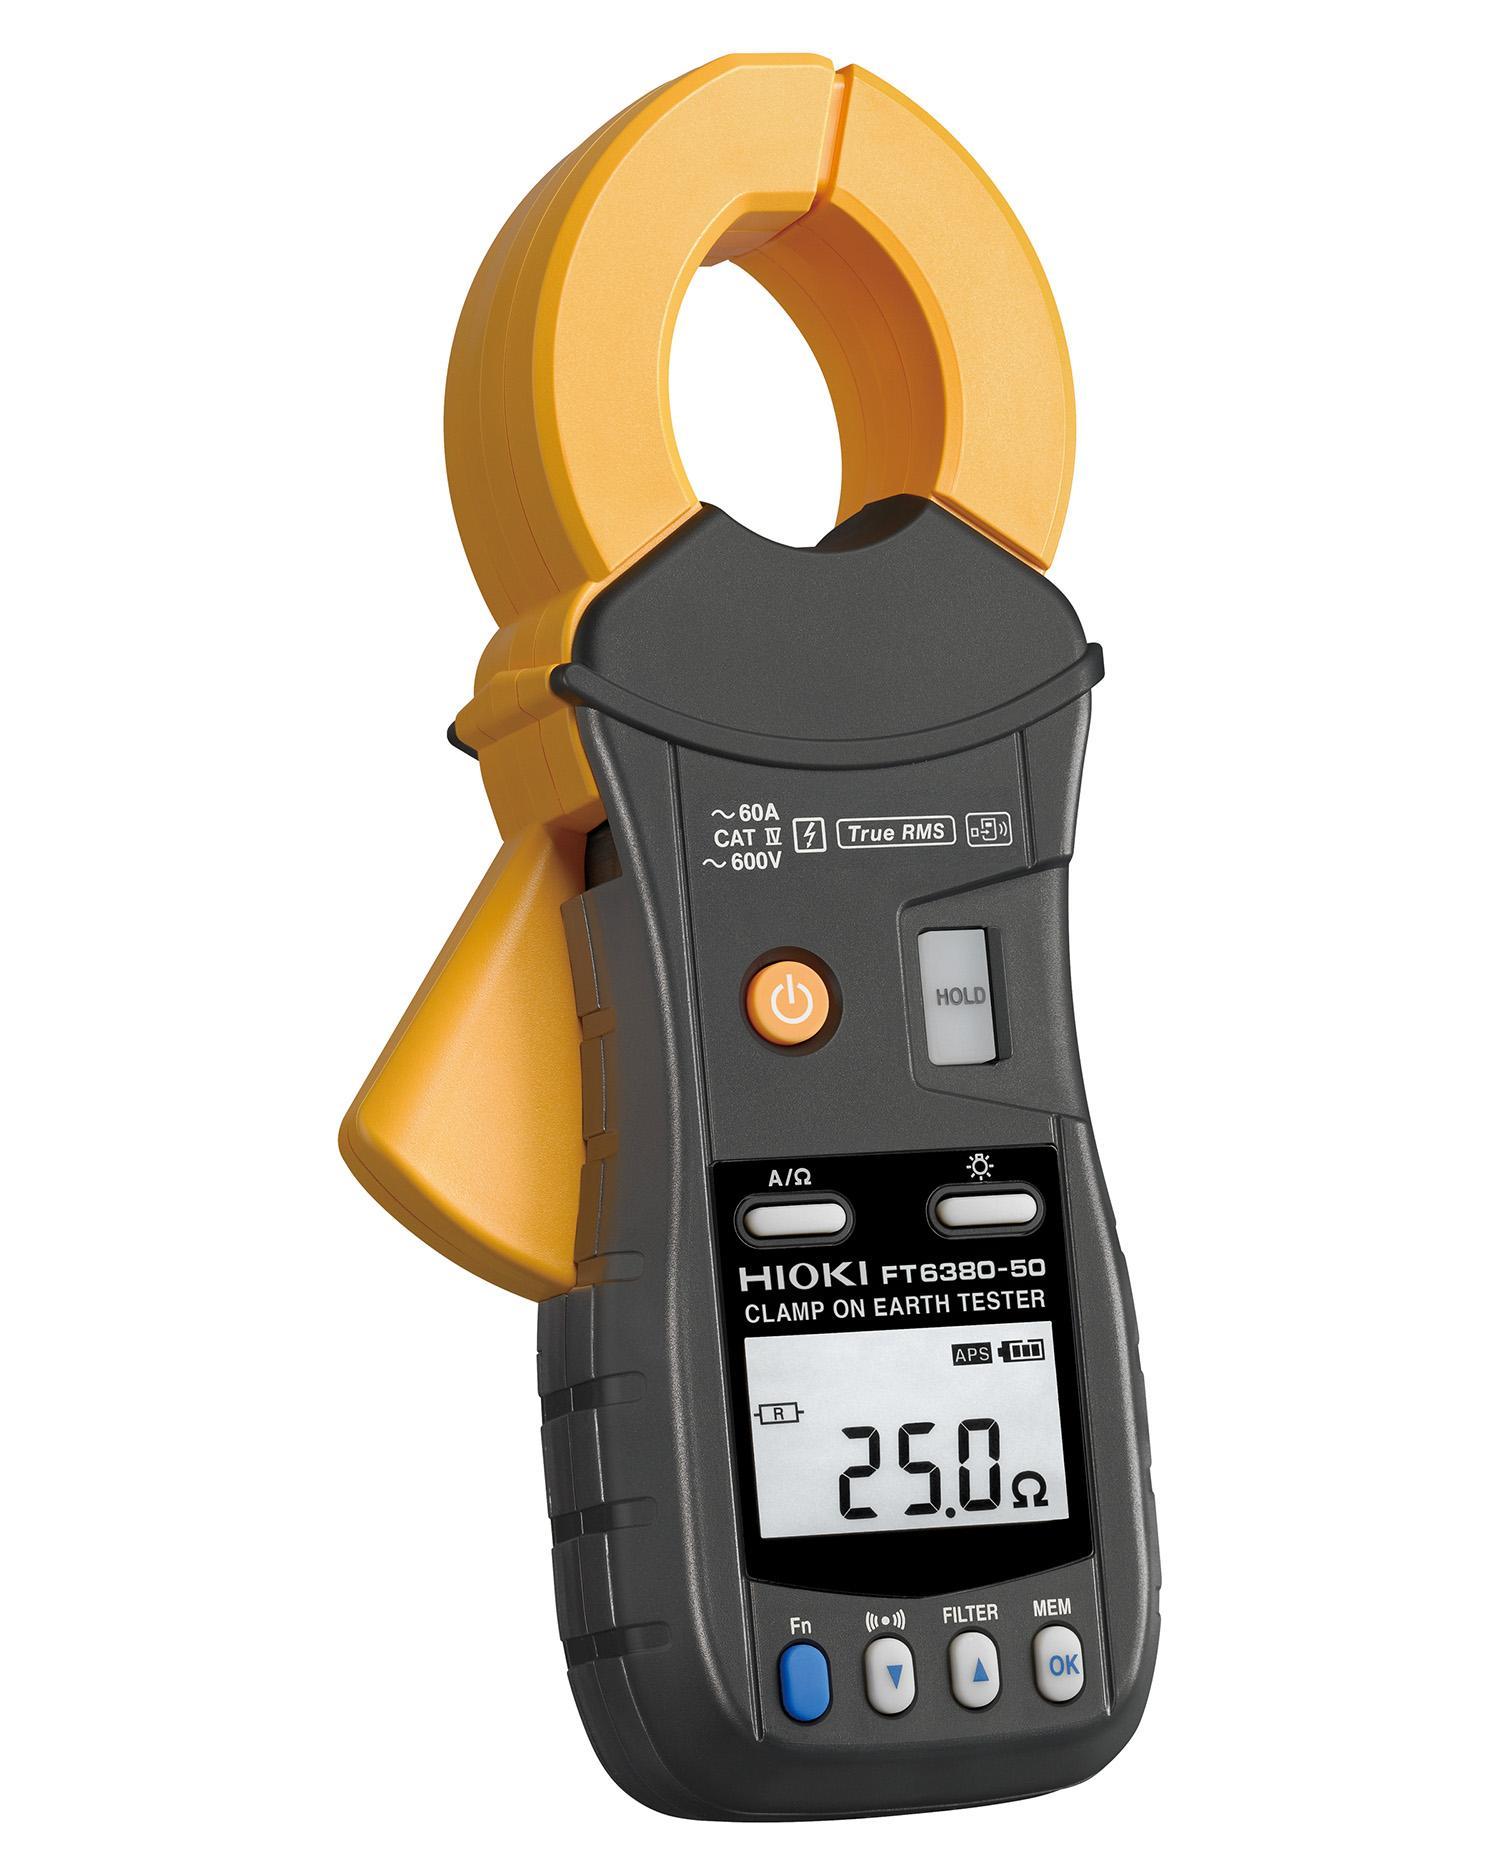 HIOKI、ワイヤレスアダプタ『Z3210』に対応したクランプ接地抵抗計『FT6380-50』と絶縁抵抗計『IR4052-50』『IR4052-51』を発売